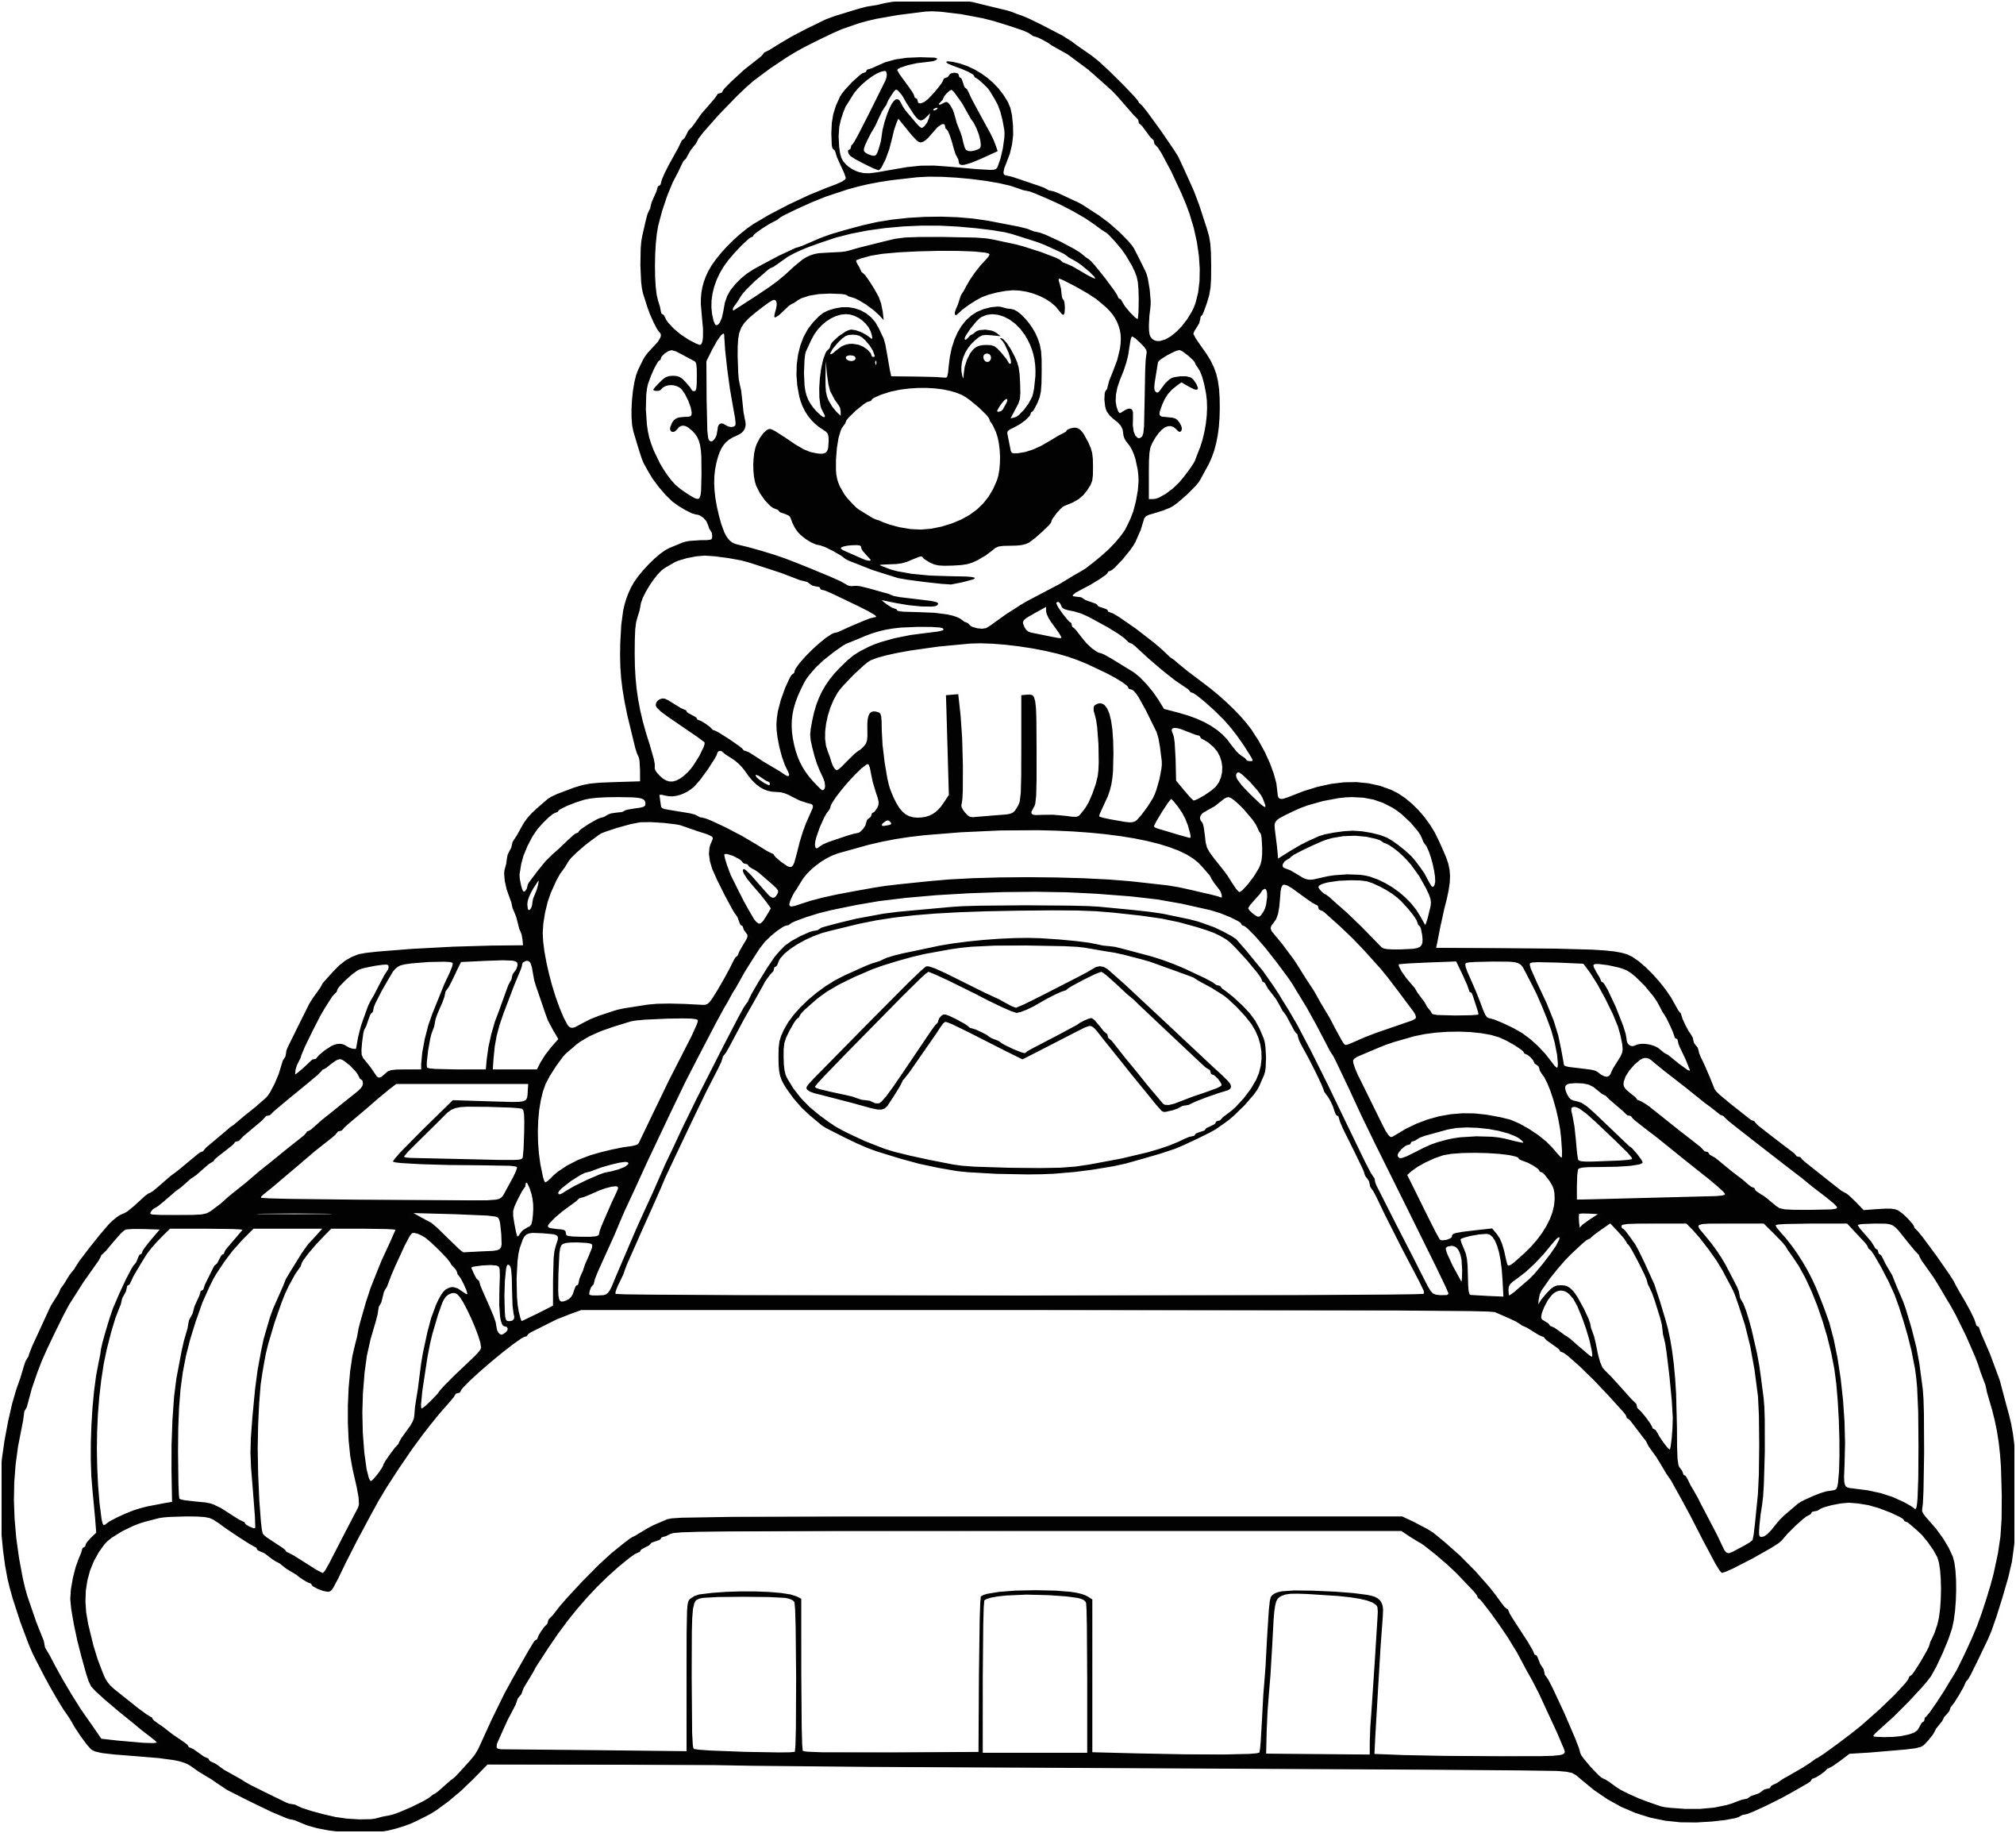 Epingle Sur Coloriage Mario